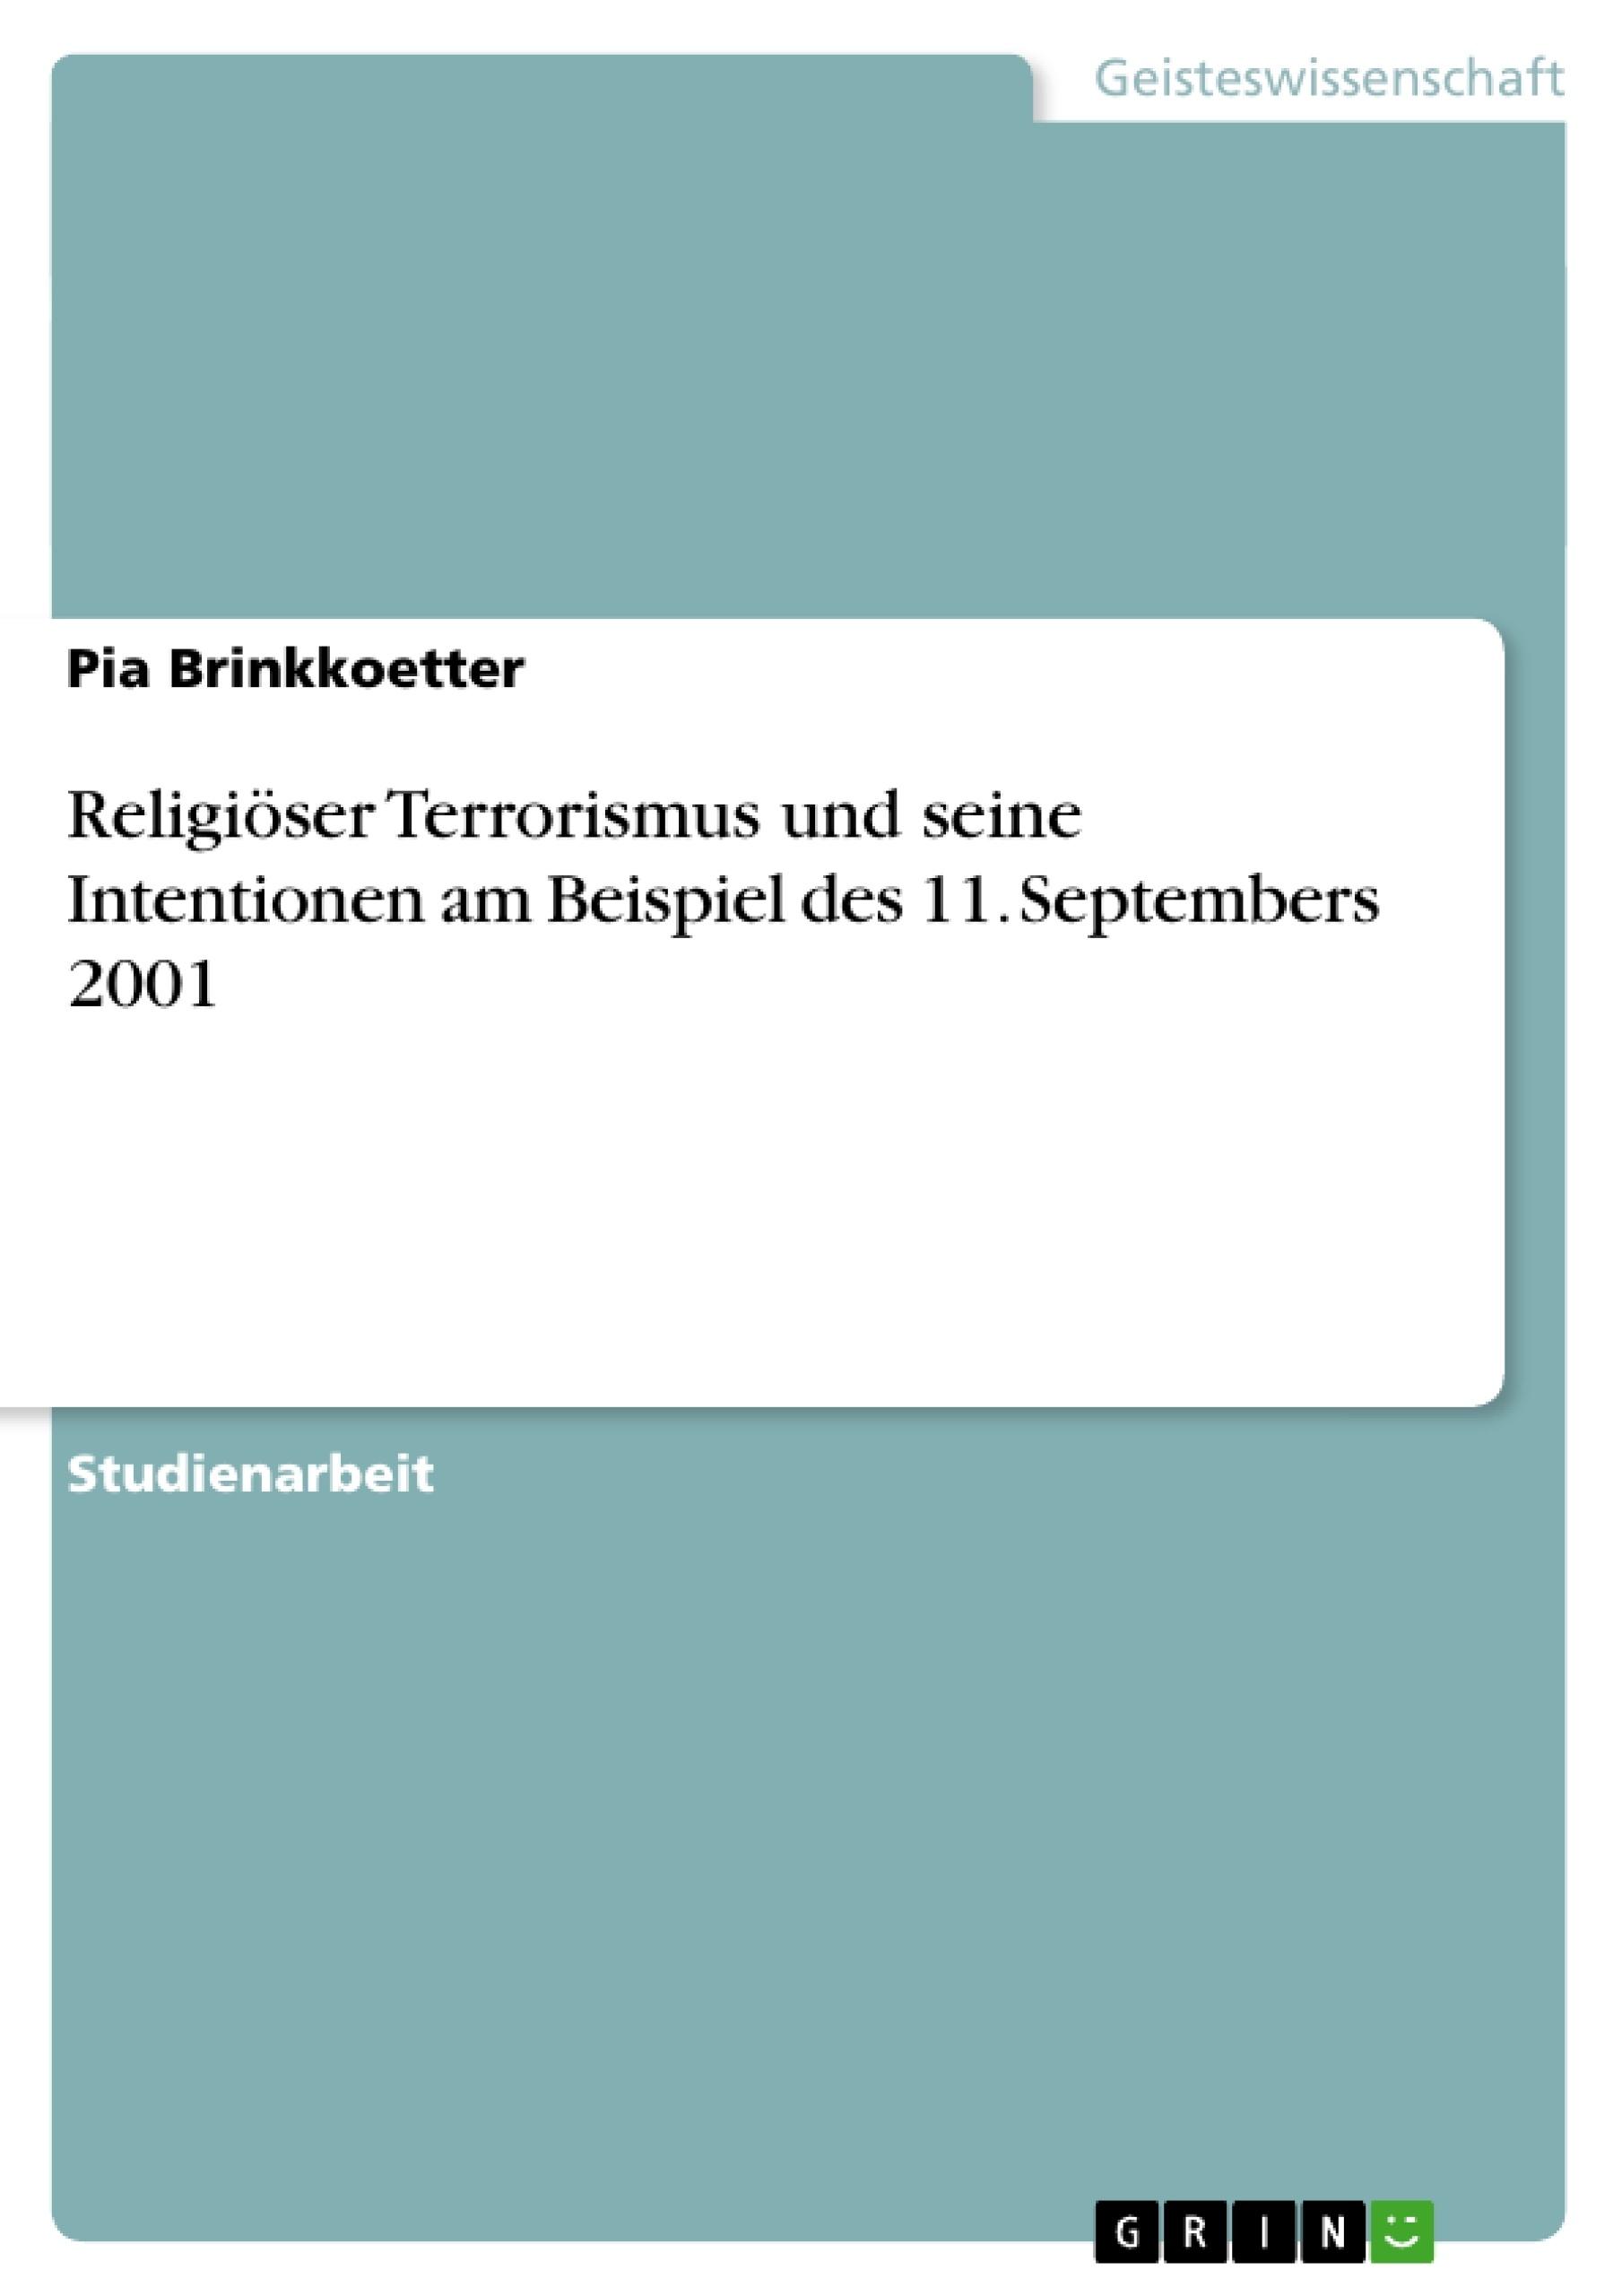 Titel: Religiöser Terrorismus und seine Intentionen am Beispiel des 11. Septembers 2001